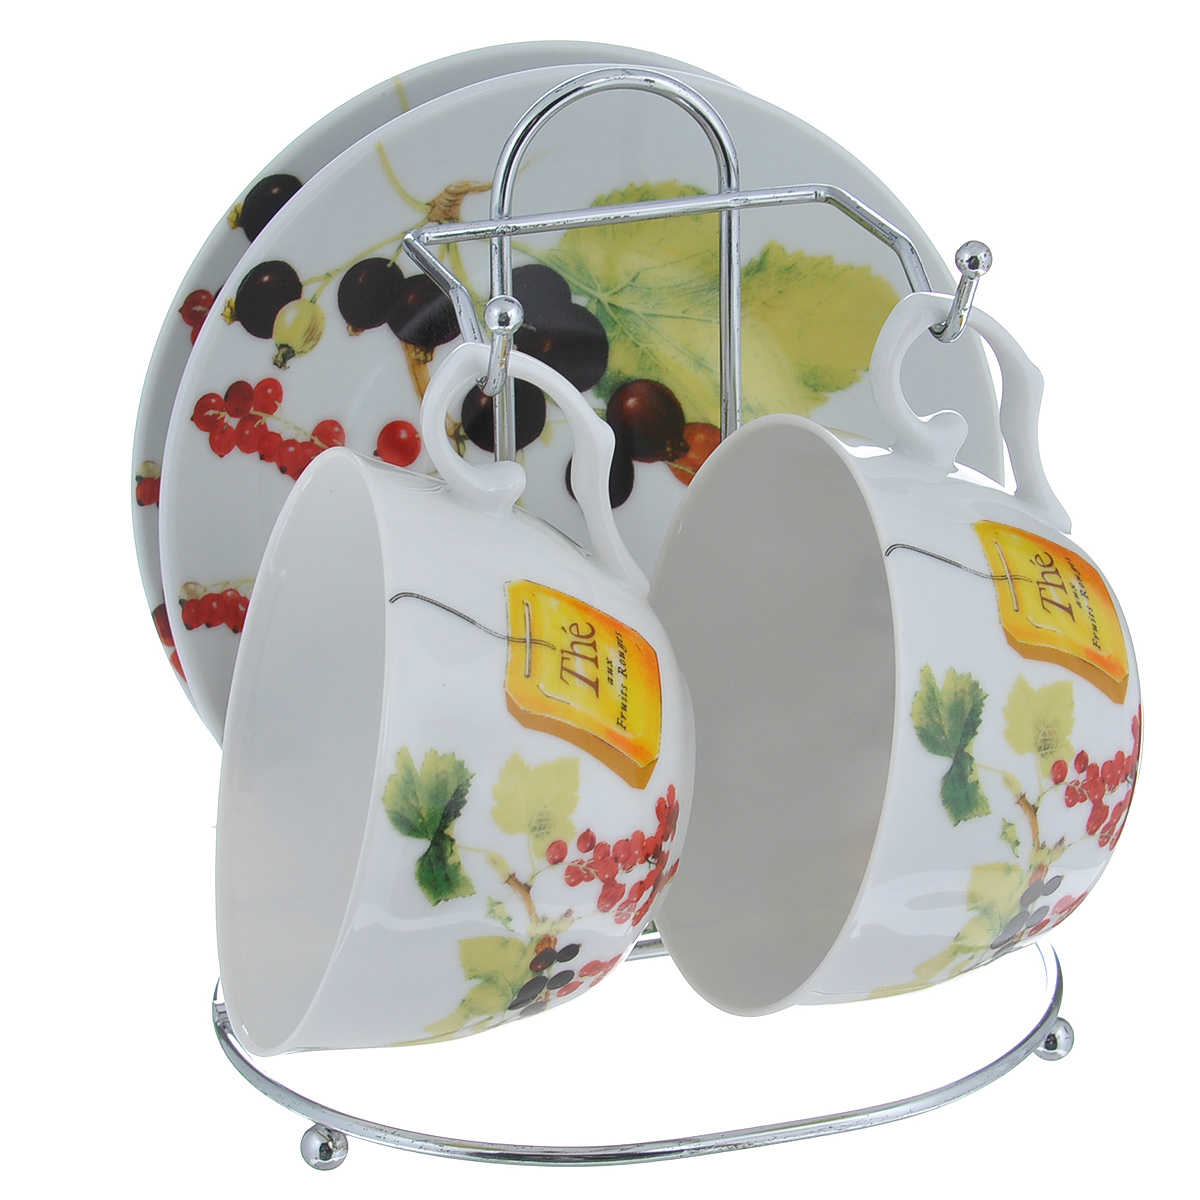 Набор чайный Larange Смородина, 5 предметов115510Чайный набор Смородина состоит из двух чашек и двух блюдец. Предметы набора изготовлены из высококачественного фарфора и оформлены изображением ягод красной и черной смородины. Чашки и блюдца располагаются на удобной металлической подставке. Элегантный дизайн чайного набора придется по вкусу и ценителям классики, и тем, кто предпочитает утонченность и изысканность. Он настроит на позитивный лад и подарит хорошее настроение с самого утра.Не использовать в микроволновой печи. Не применять абразивные чистящие вещества. Объем чашки: 250 мл.Диаметр чашки по верхнему краю: 9,5 см.Высота чашки: 6 см.Диаметр блюдца: 14,5 см.Размер подставки: 14 см х 12 см х 16 см.